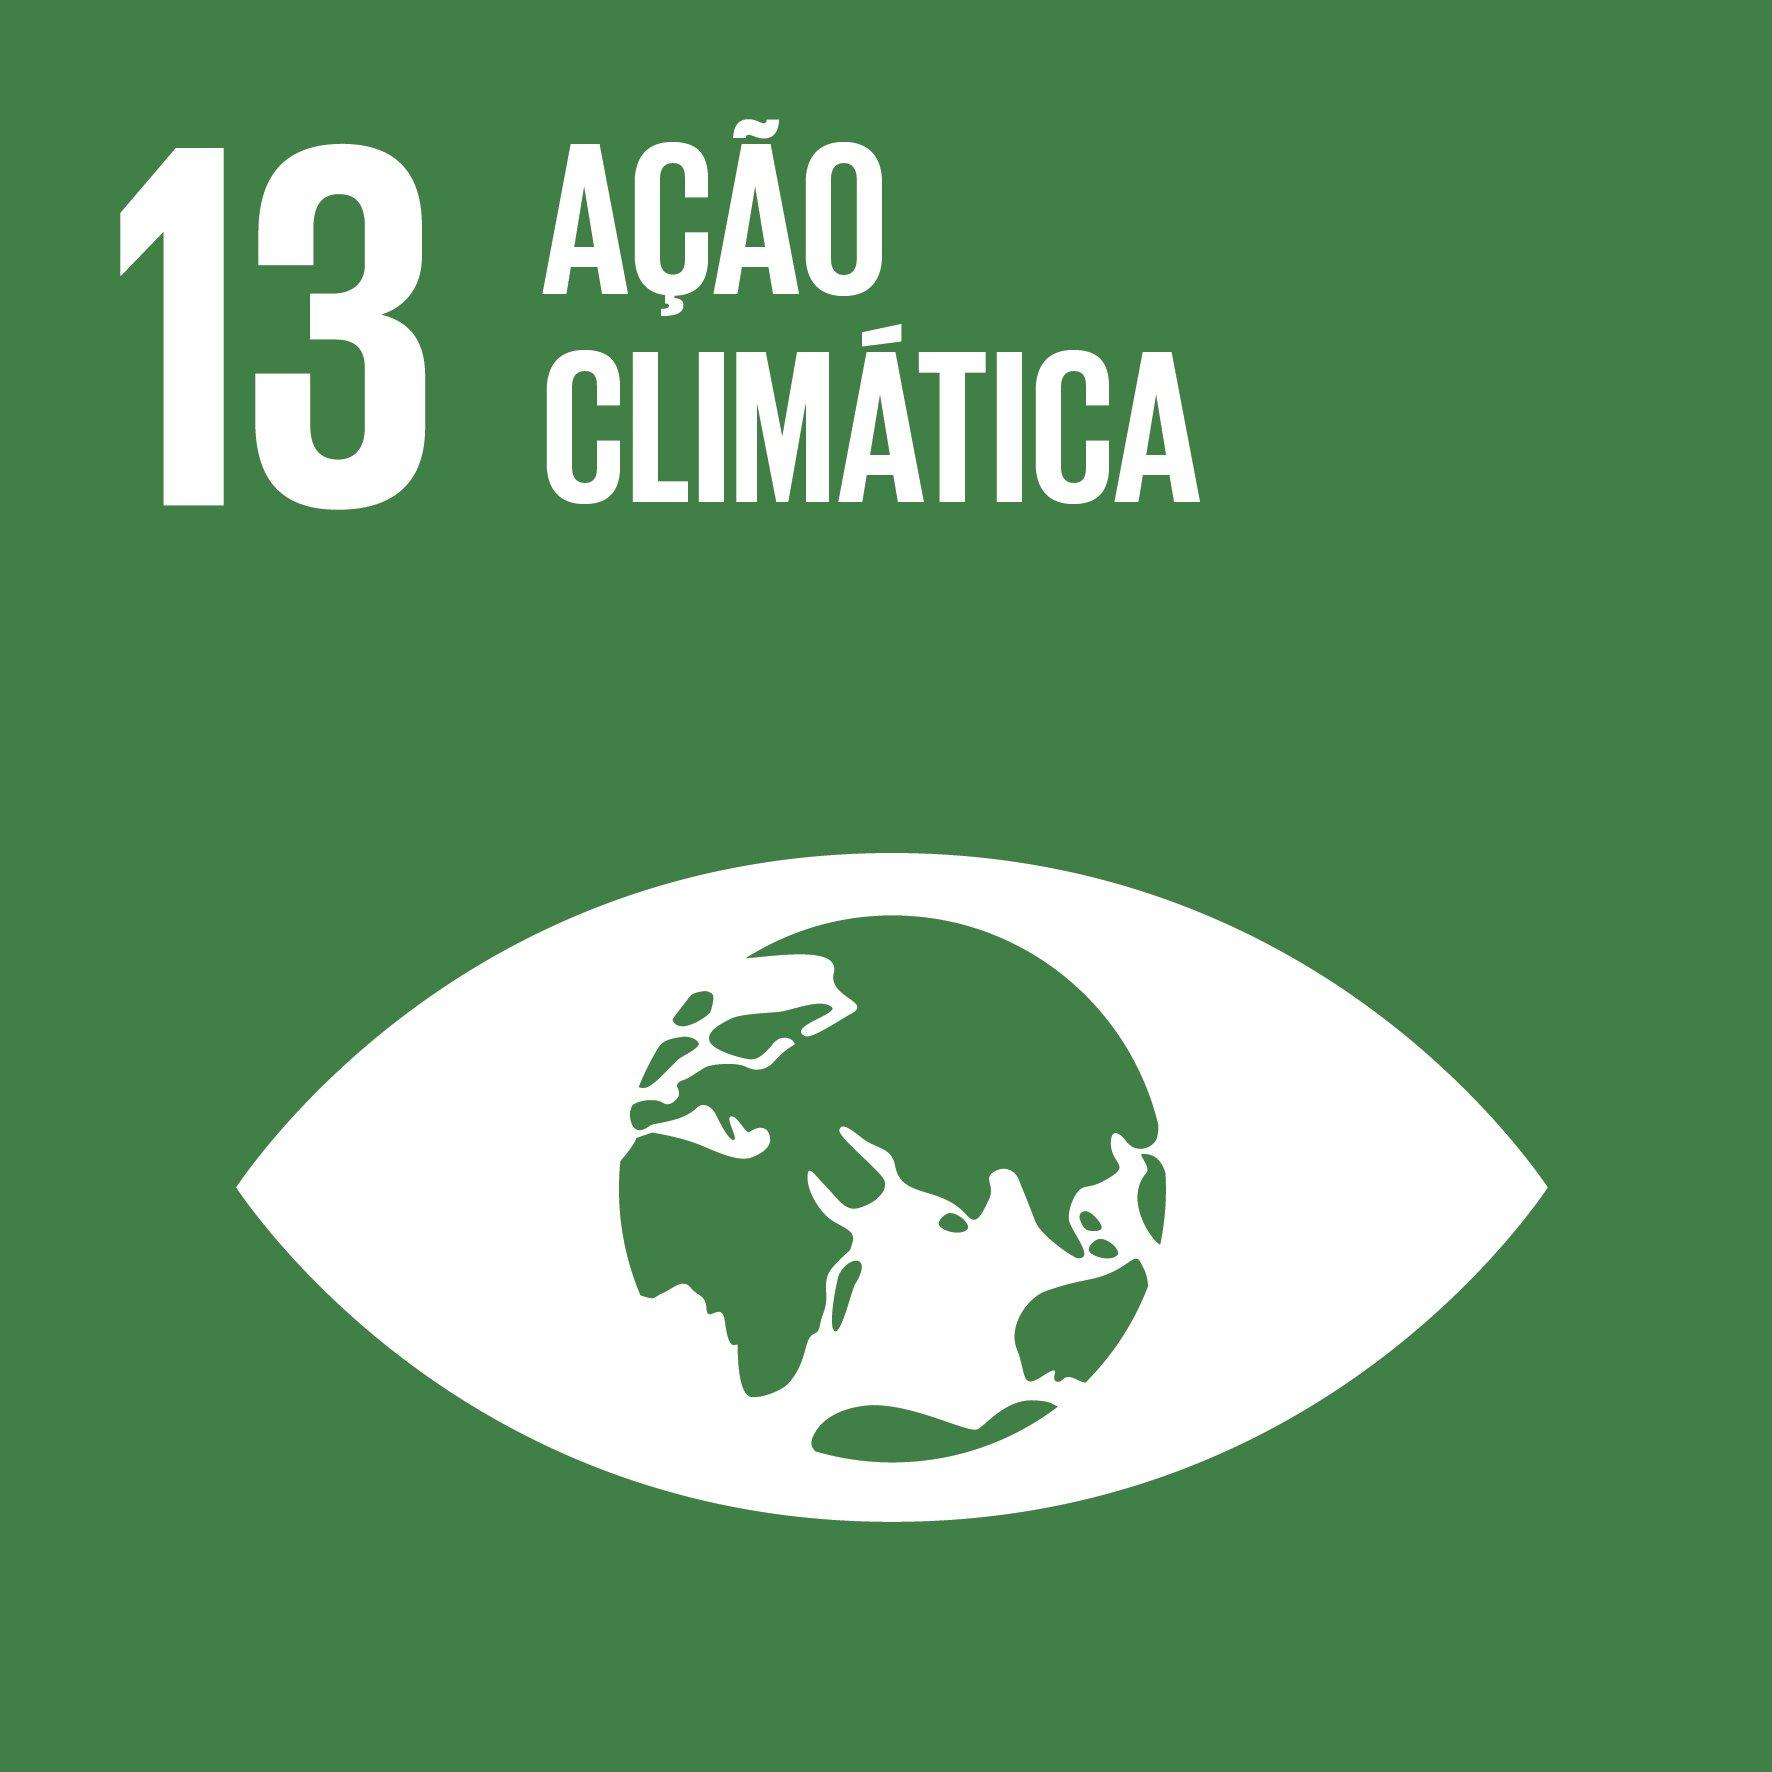 Ação climática